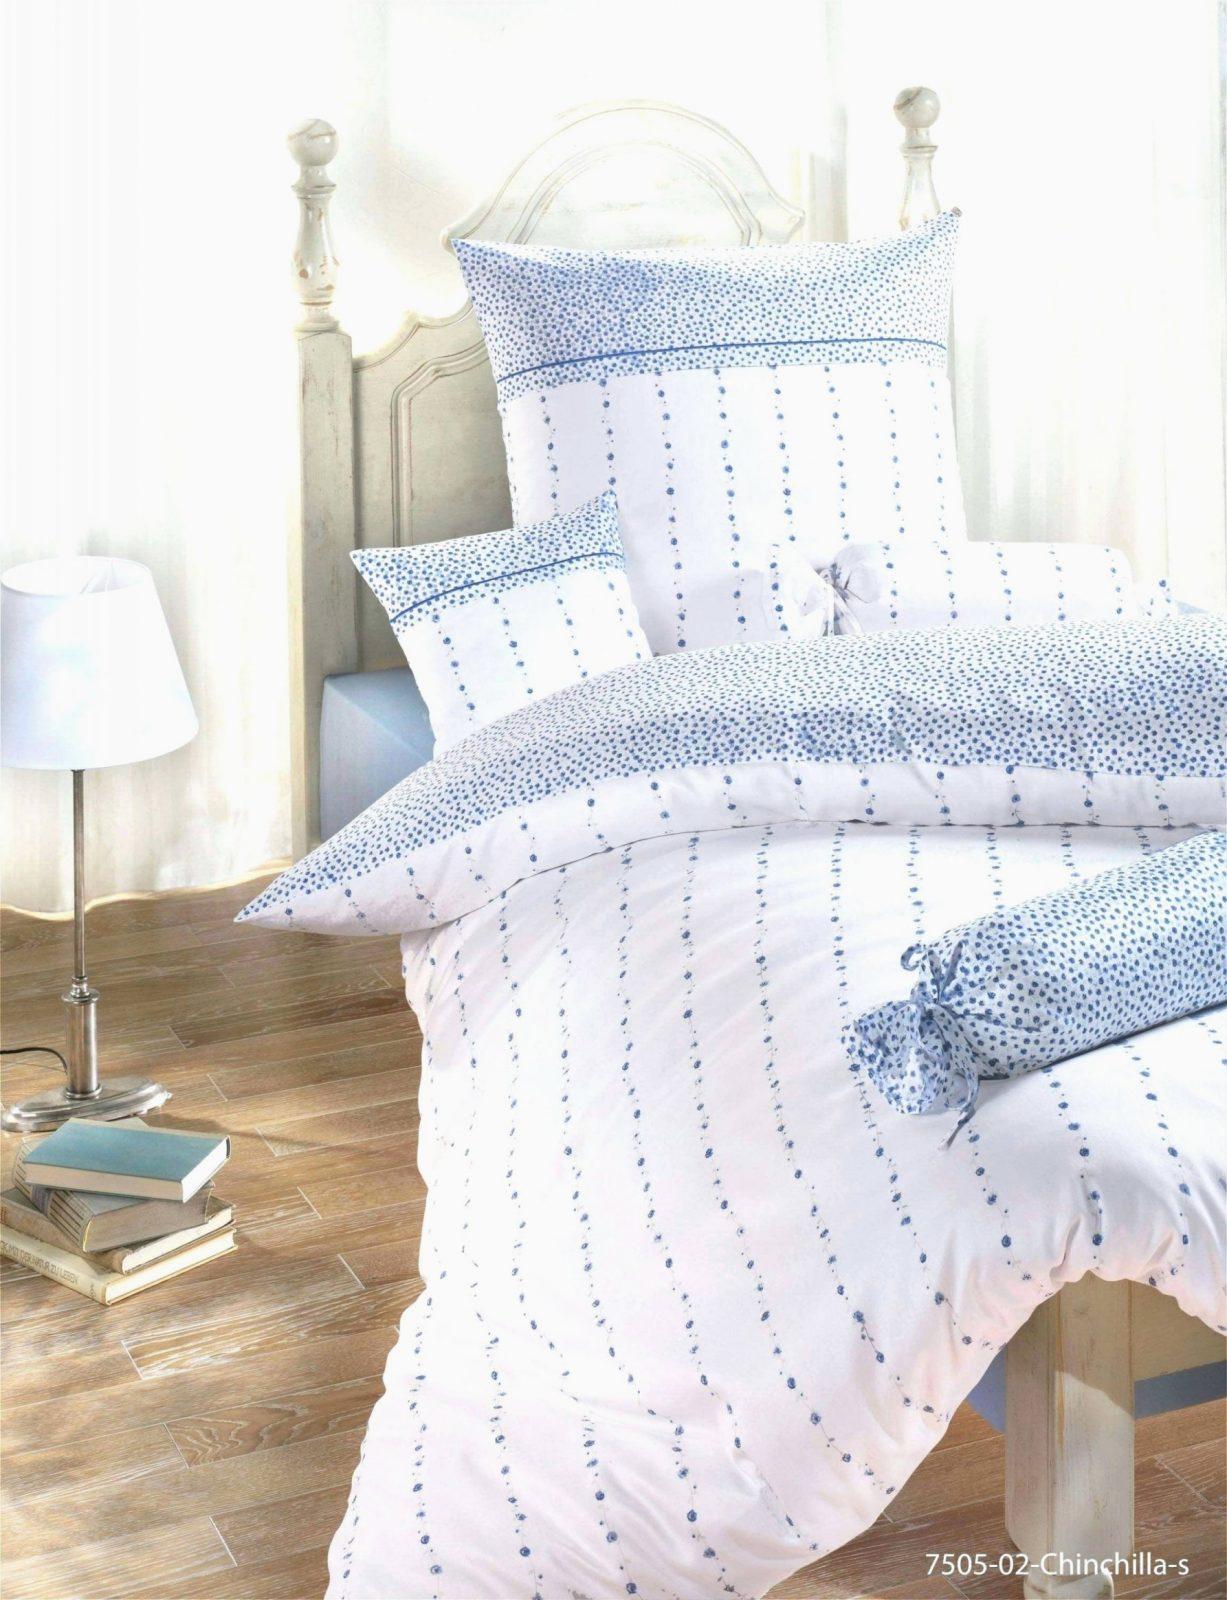 Bettwäsche 200×220 Ikea Inspirierend Biber Bettwäsche Grün — Yct von Bettwäsche 200X220 Ikea Bild